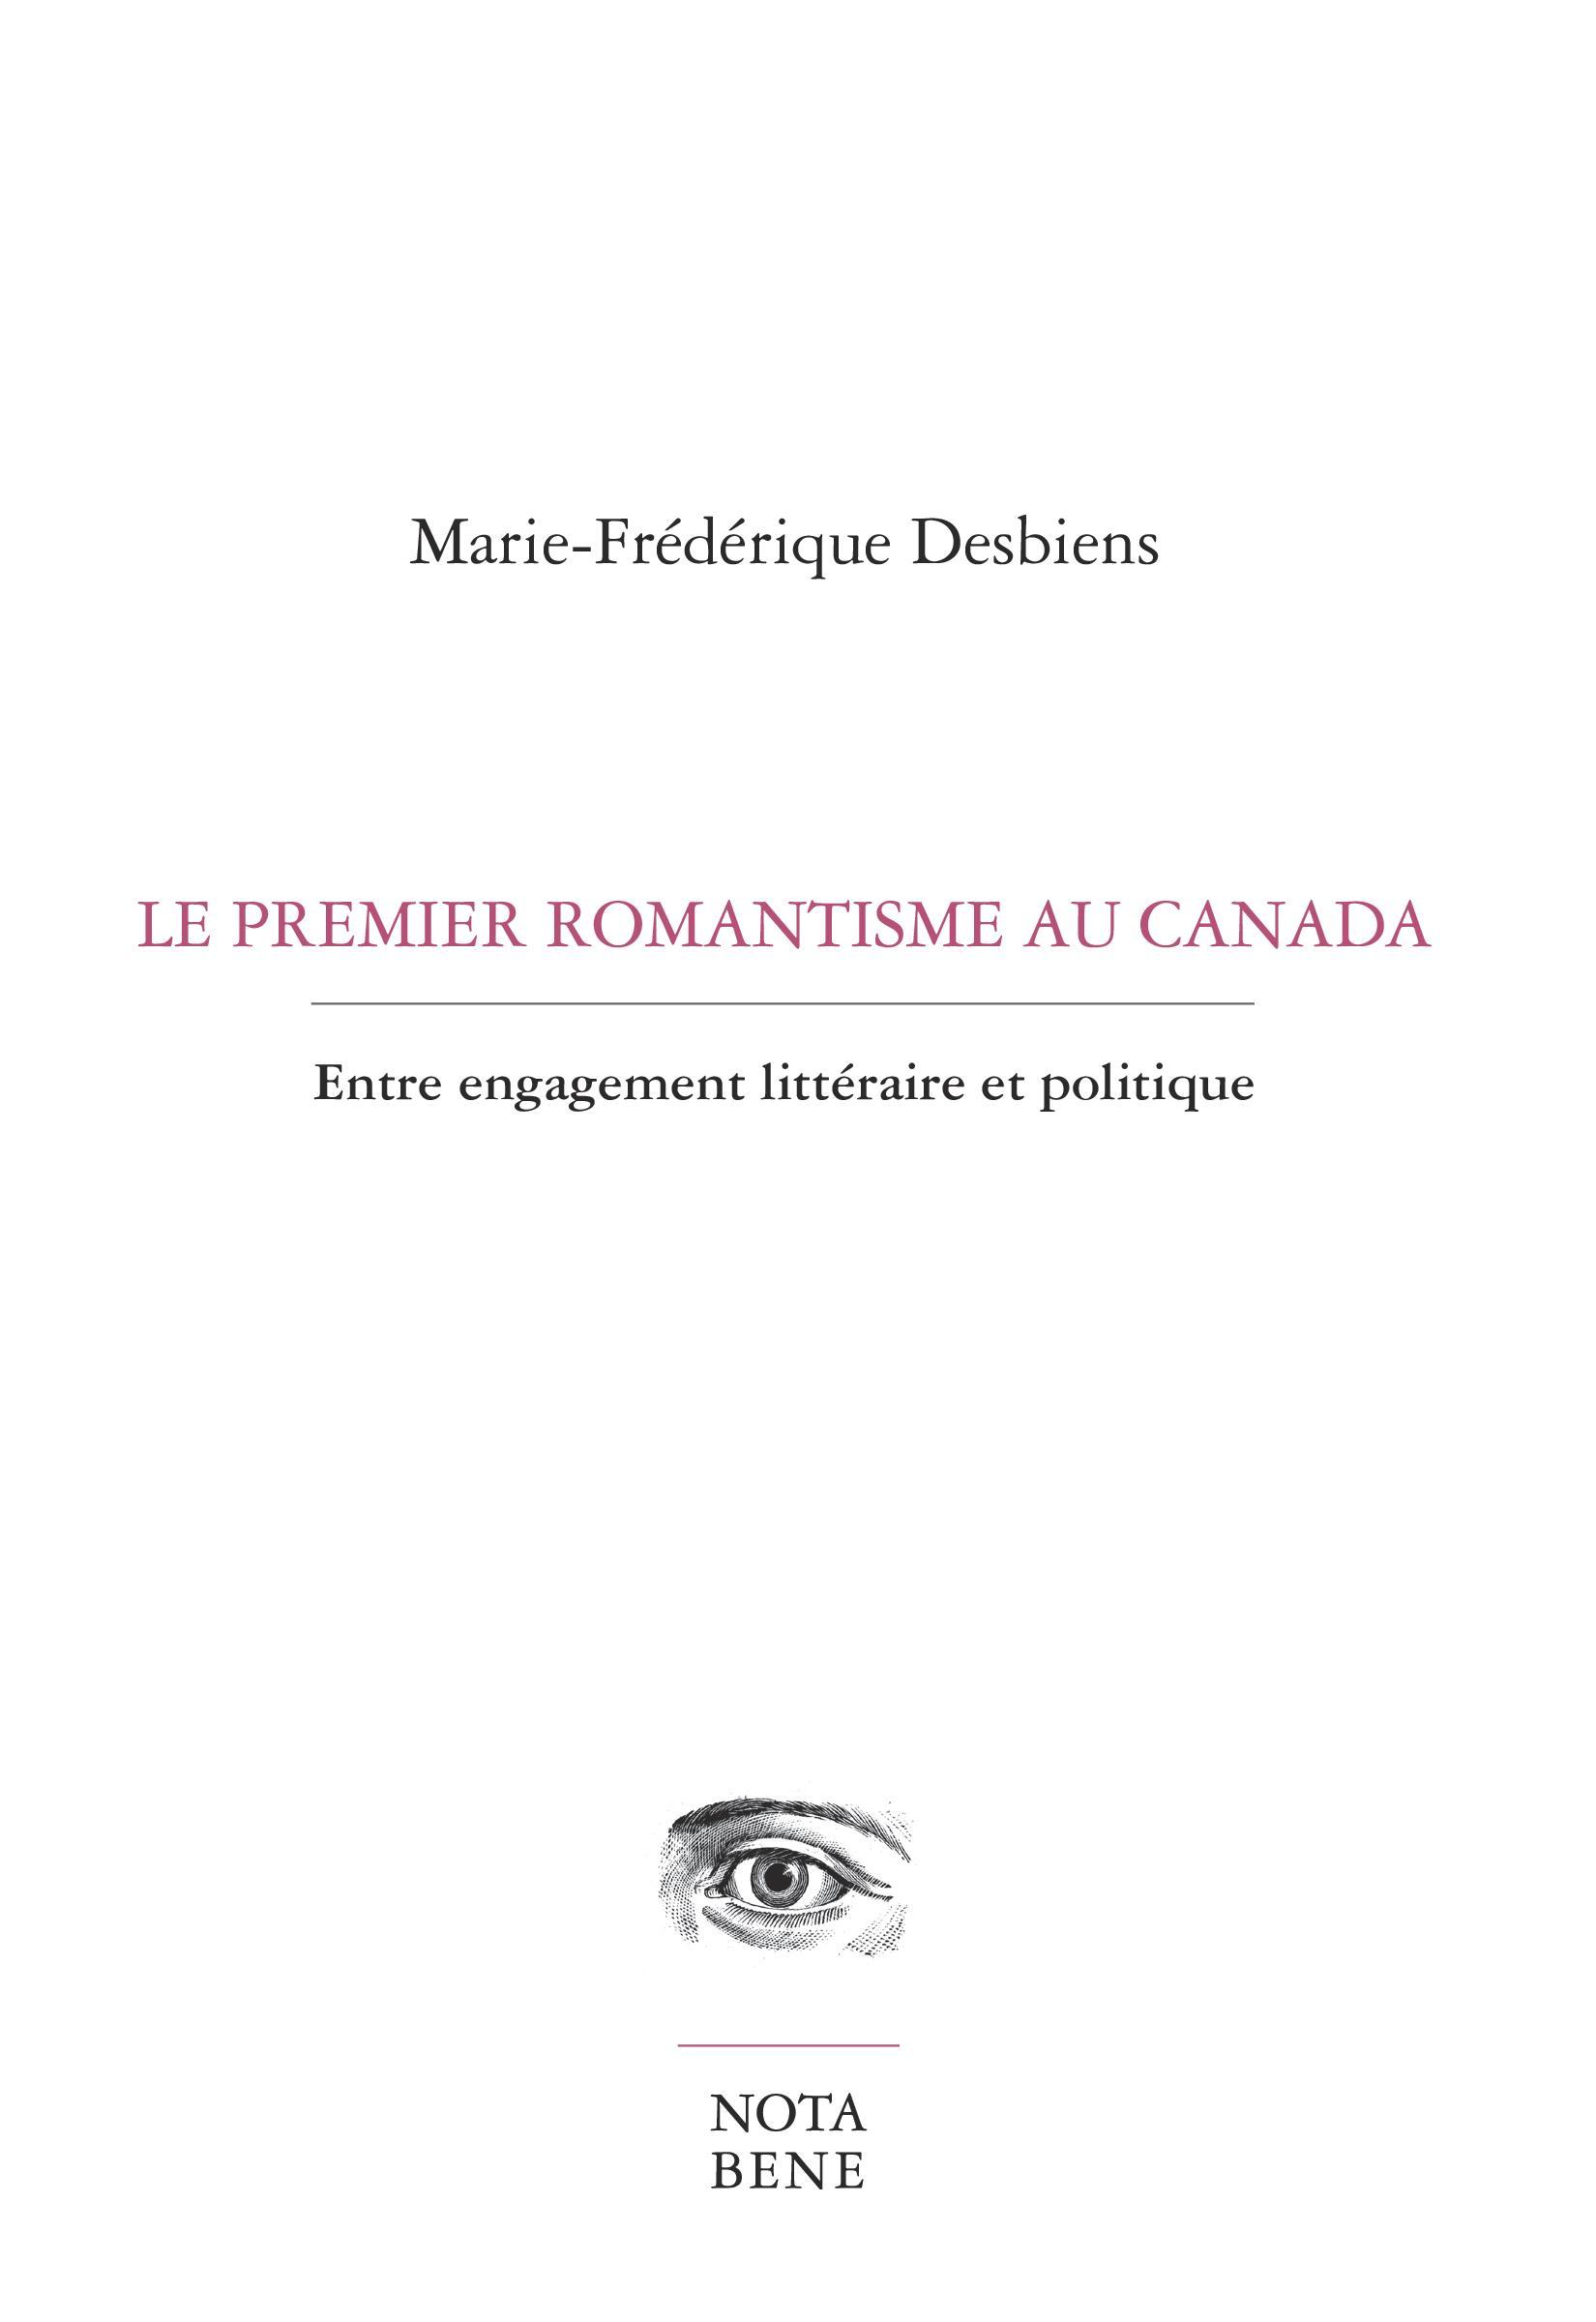 Le premier romantisme au Canada